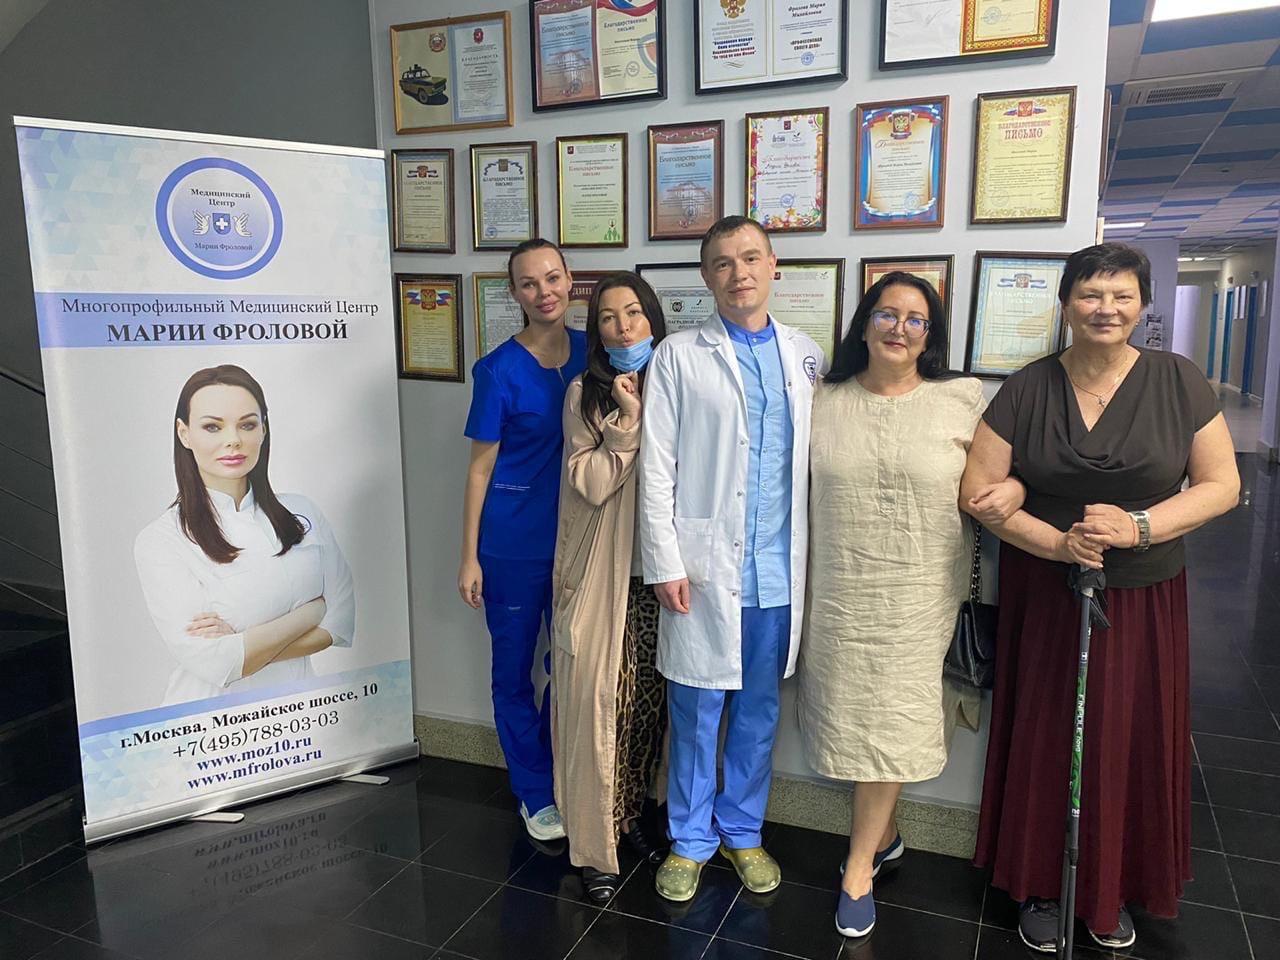 Ирина Дубцова прошла обследование в клинике Марии Фроловой